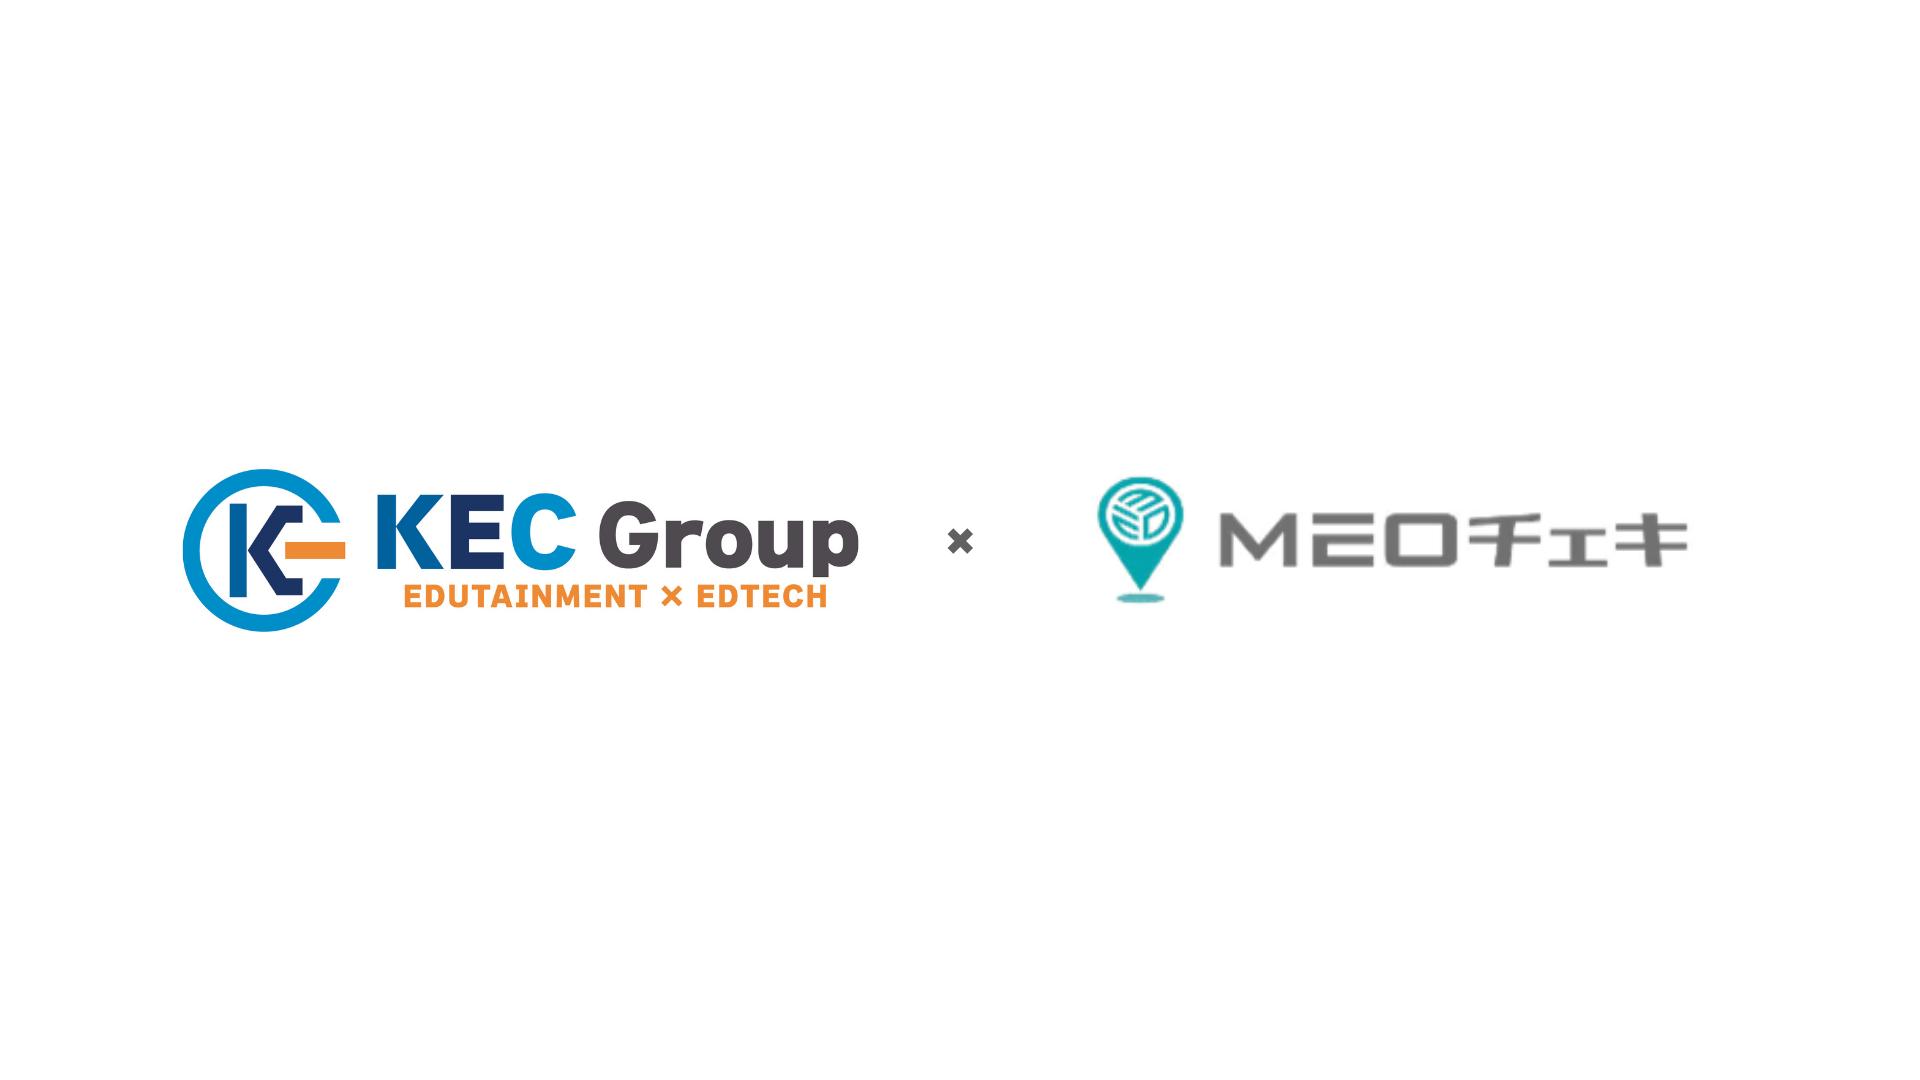 【教育業界必見】奈良県を中心に学習塾を展開する「株式会社ケーイーシー」がGoogleマイビジネスを一元管理・分析することのできる「MEOチェキ for 複数店舗」を導入!